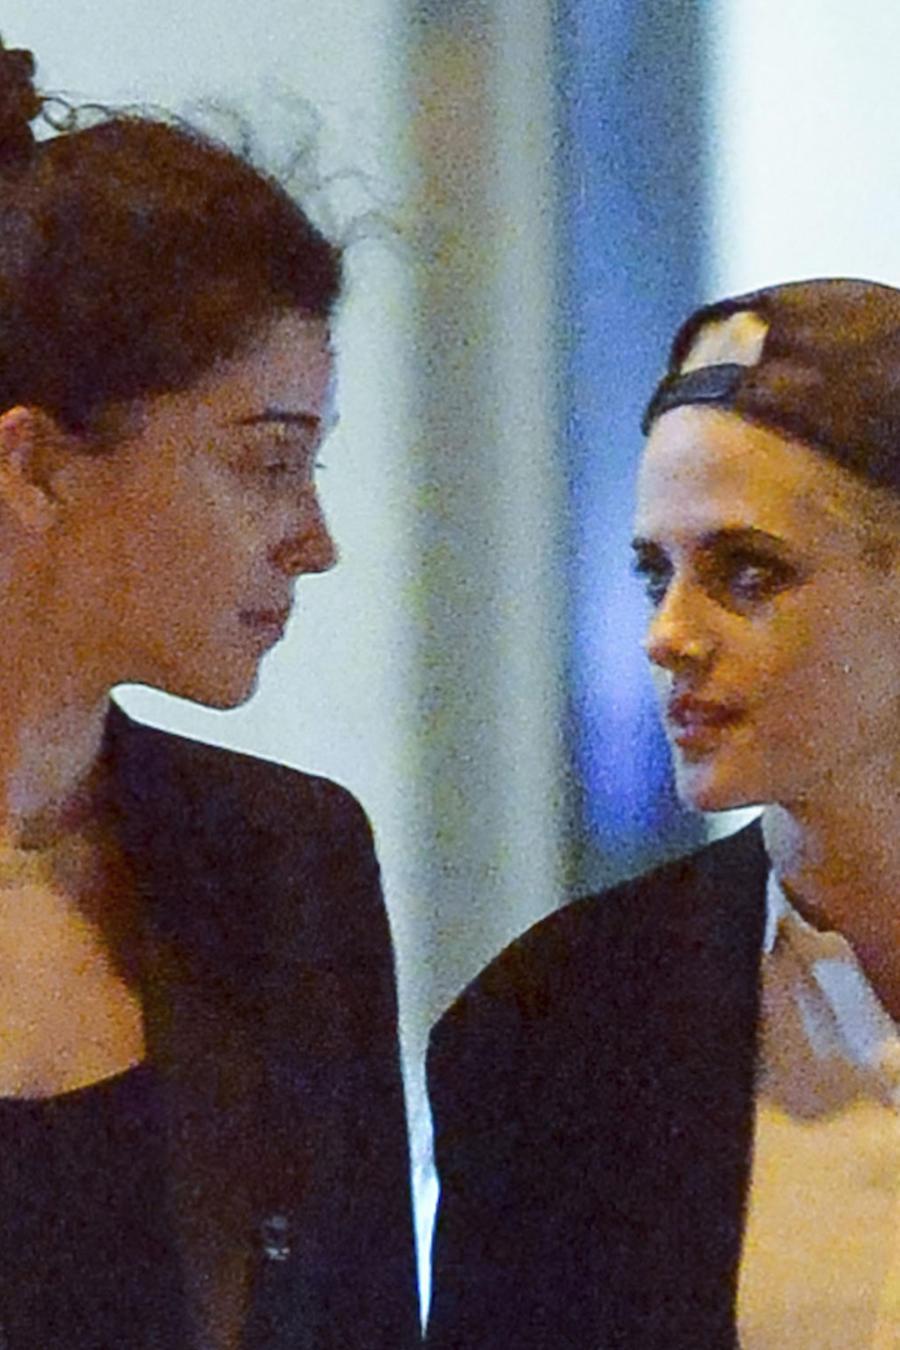 Kristen Stewart confirma con un beso su romance con St. Vincent